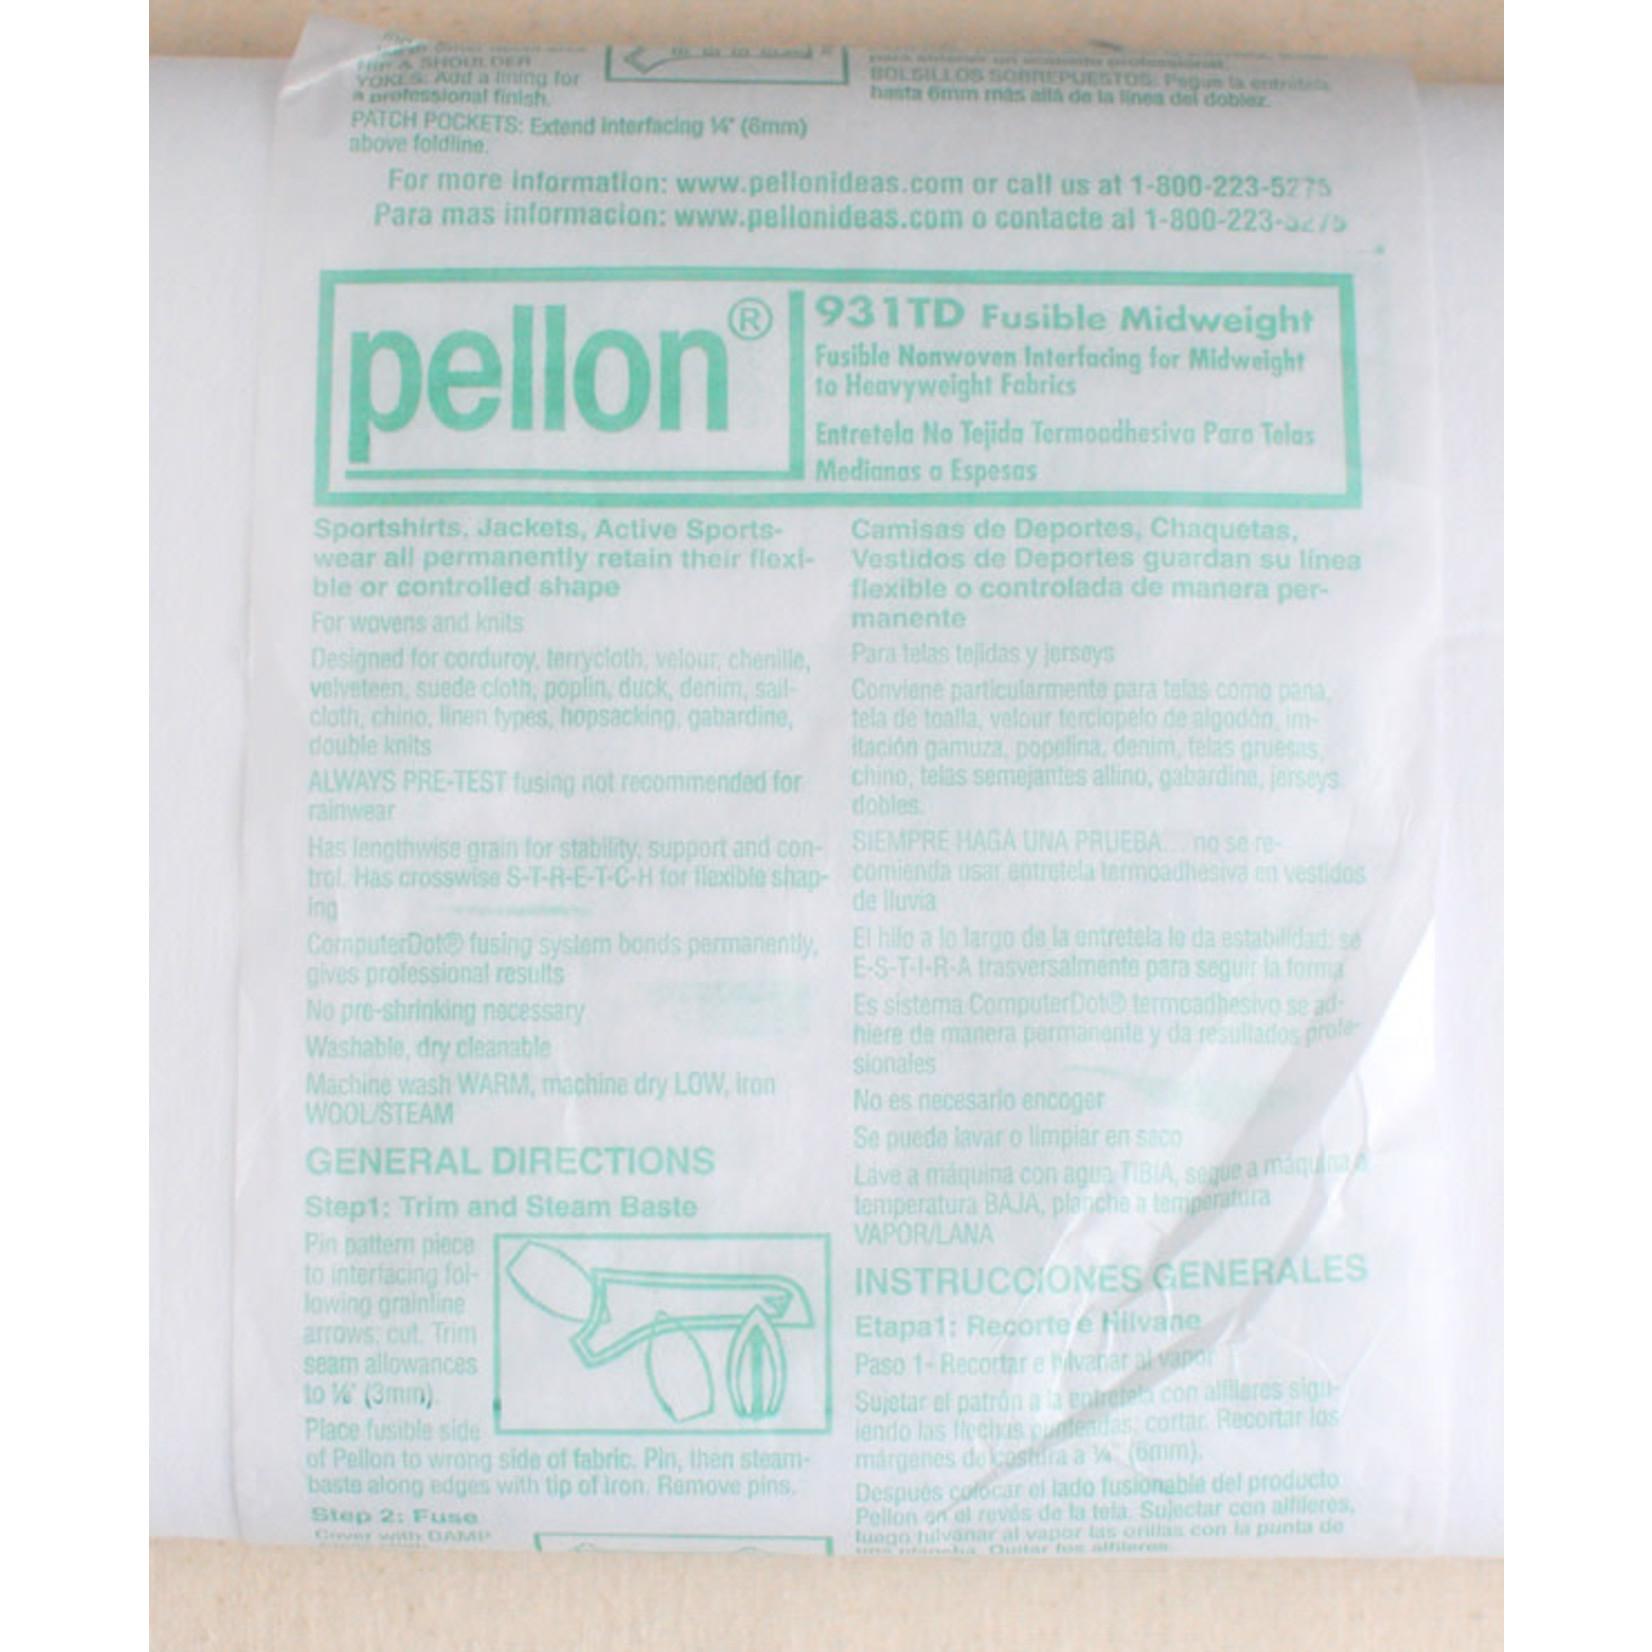 Pellon PELLON 931TD NON WOVEN INTERFACING MIDWEIGHT, PER CM OR $6/M